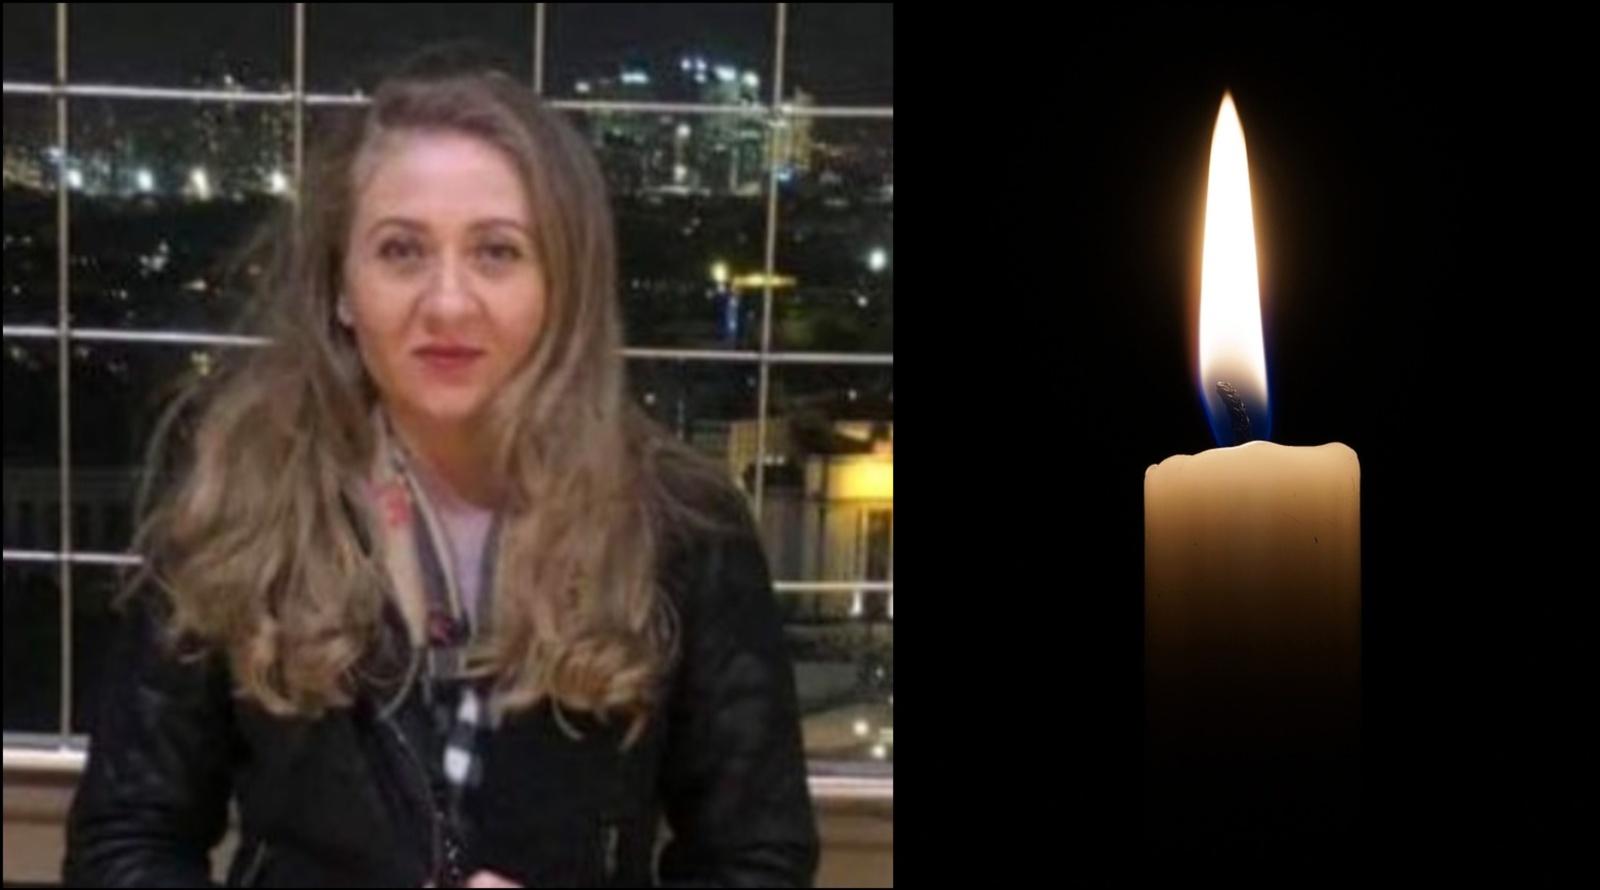 Jungtinėje Karalystėje žiauriai nužudytos lietuvės artimieji prašo pagalbos